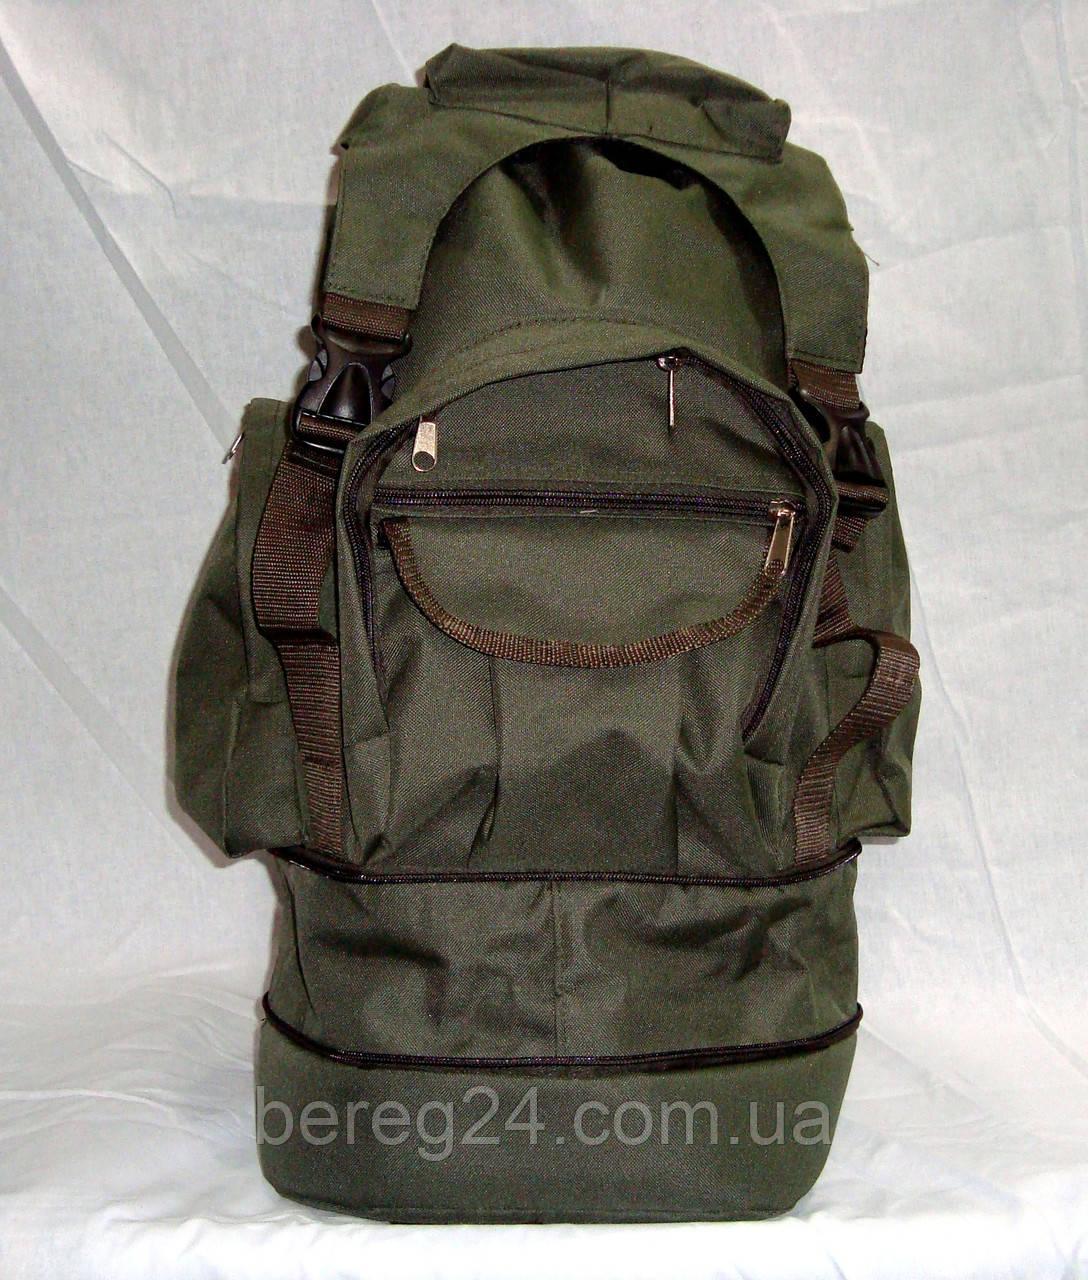 Рюкзак тактический, зеленый хаки